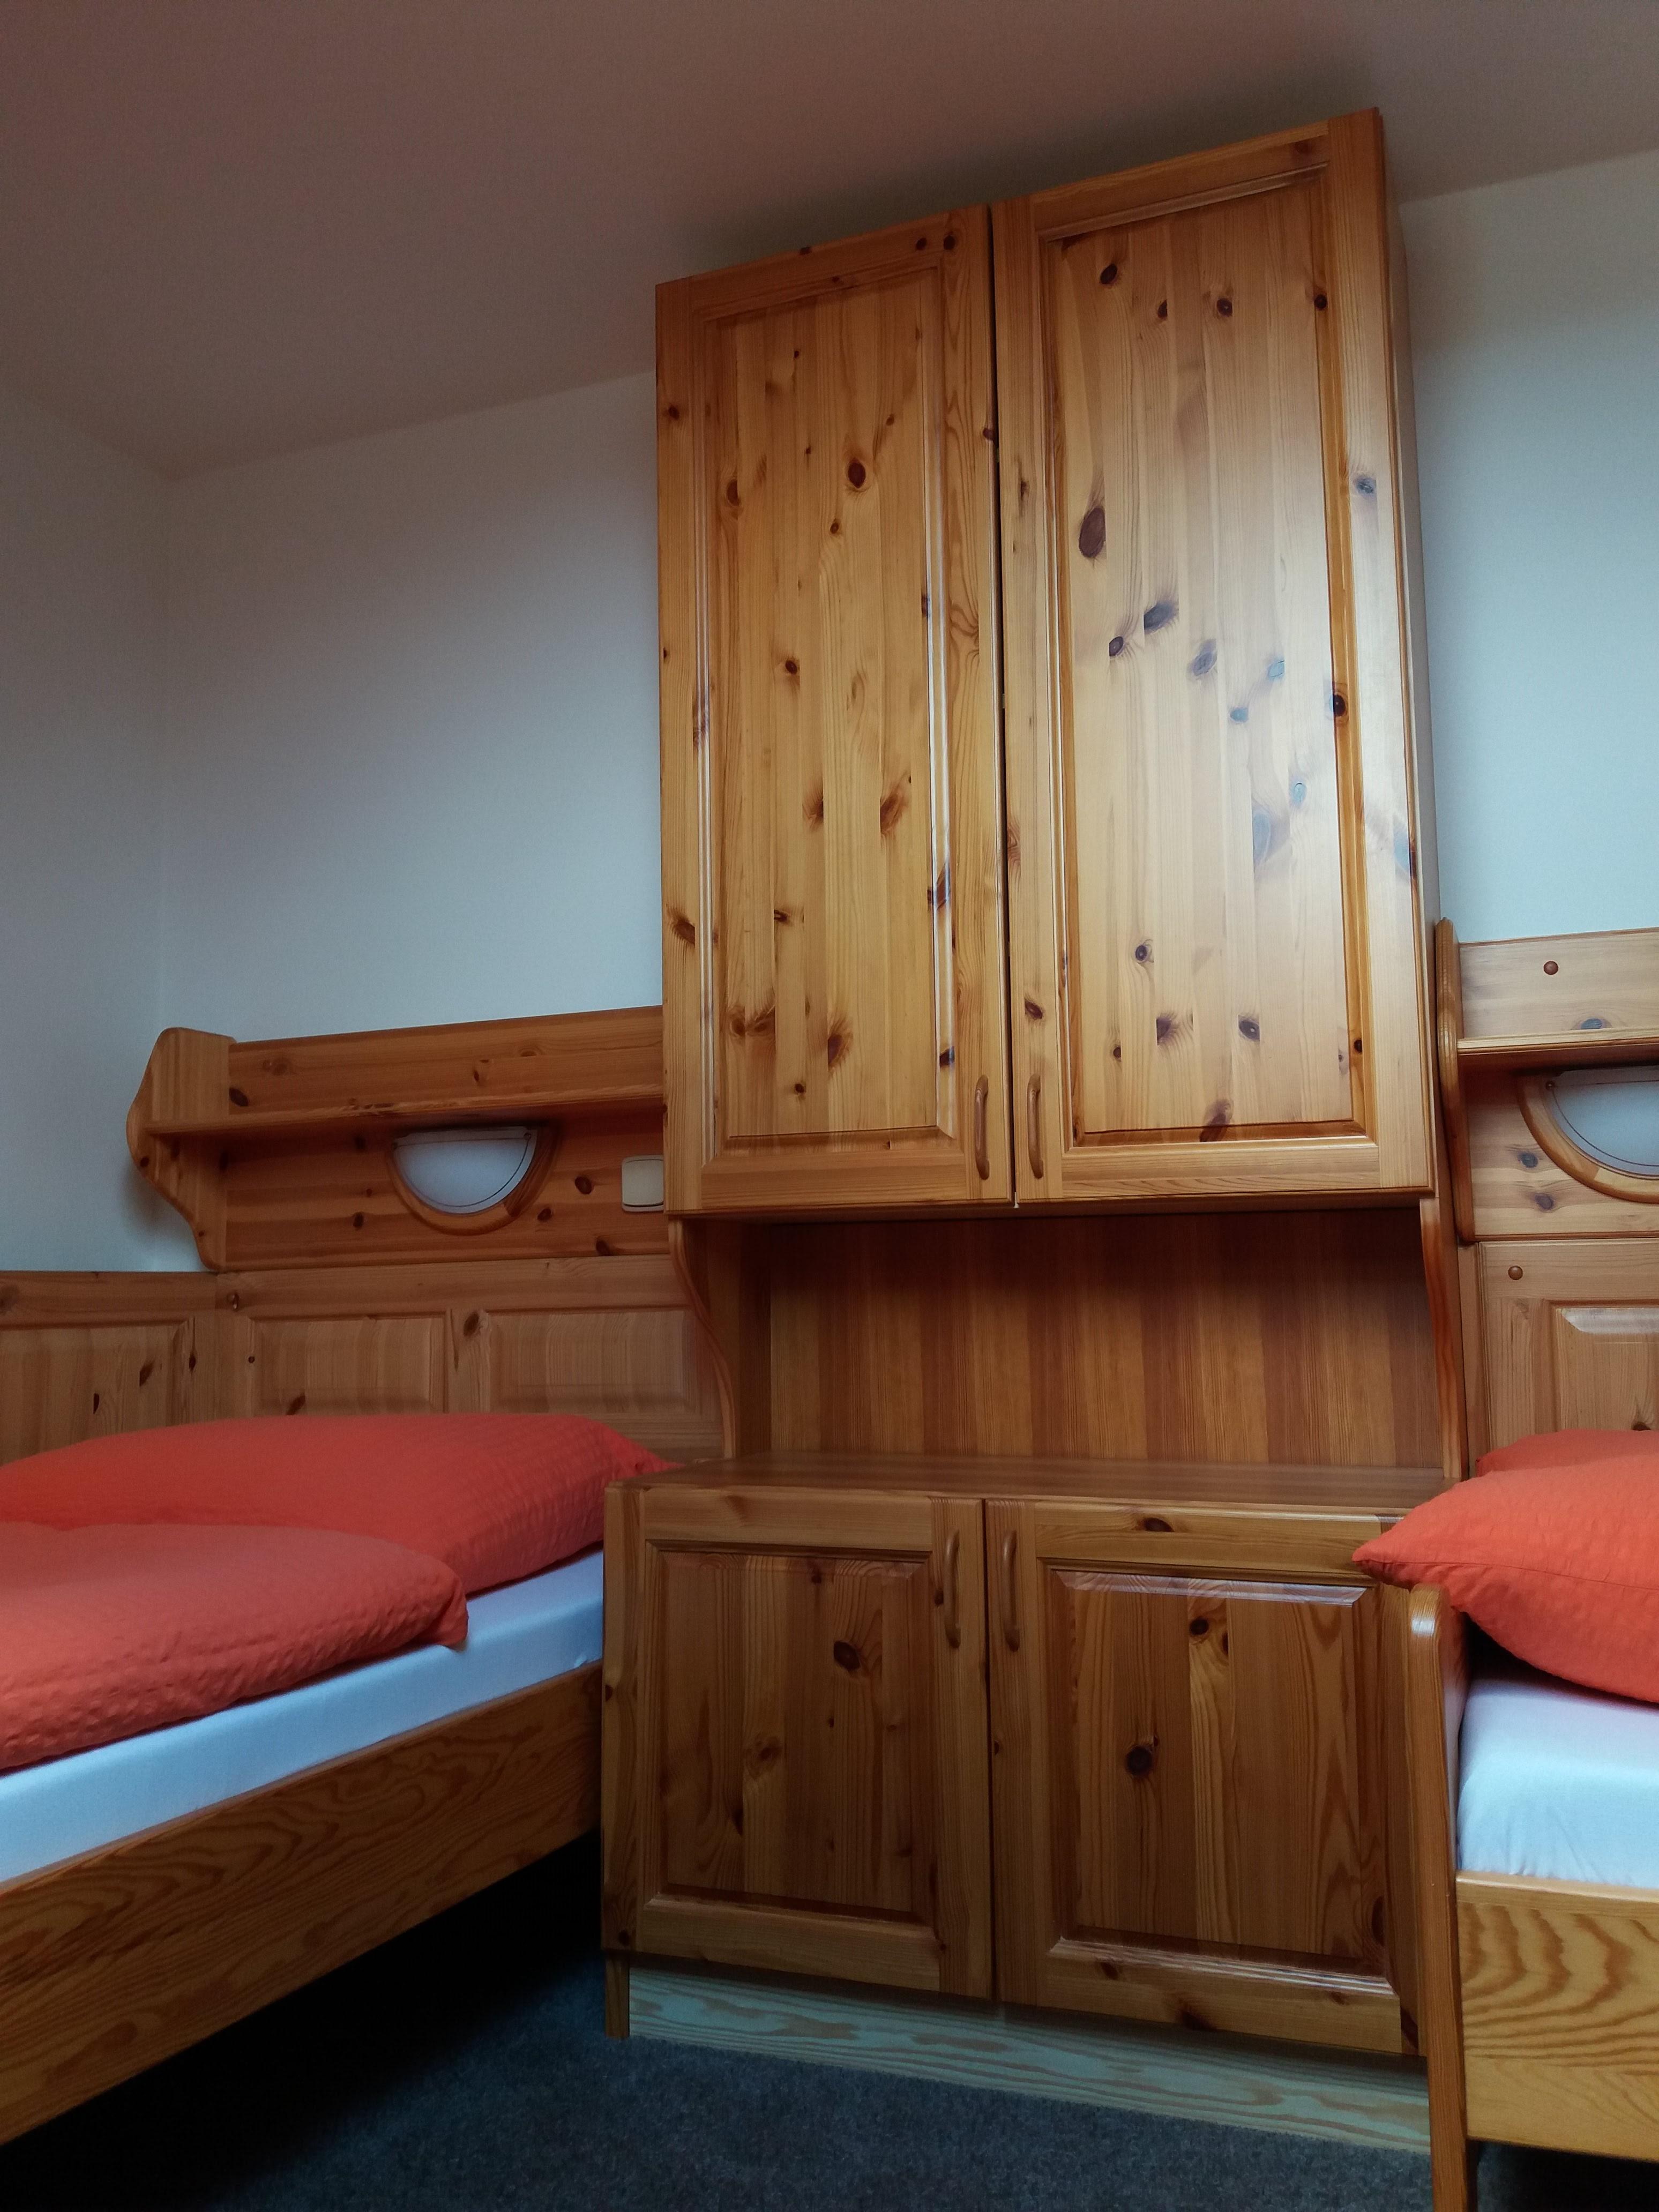 Postele a skříň v podkrovní části pokoje